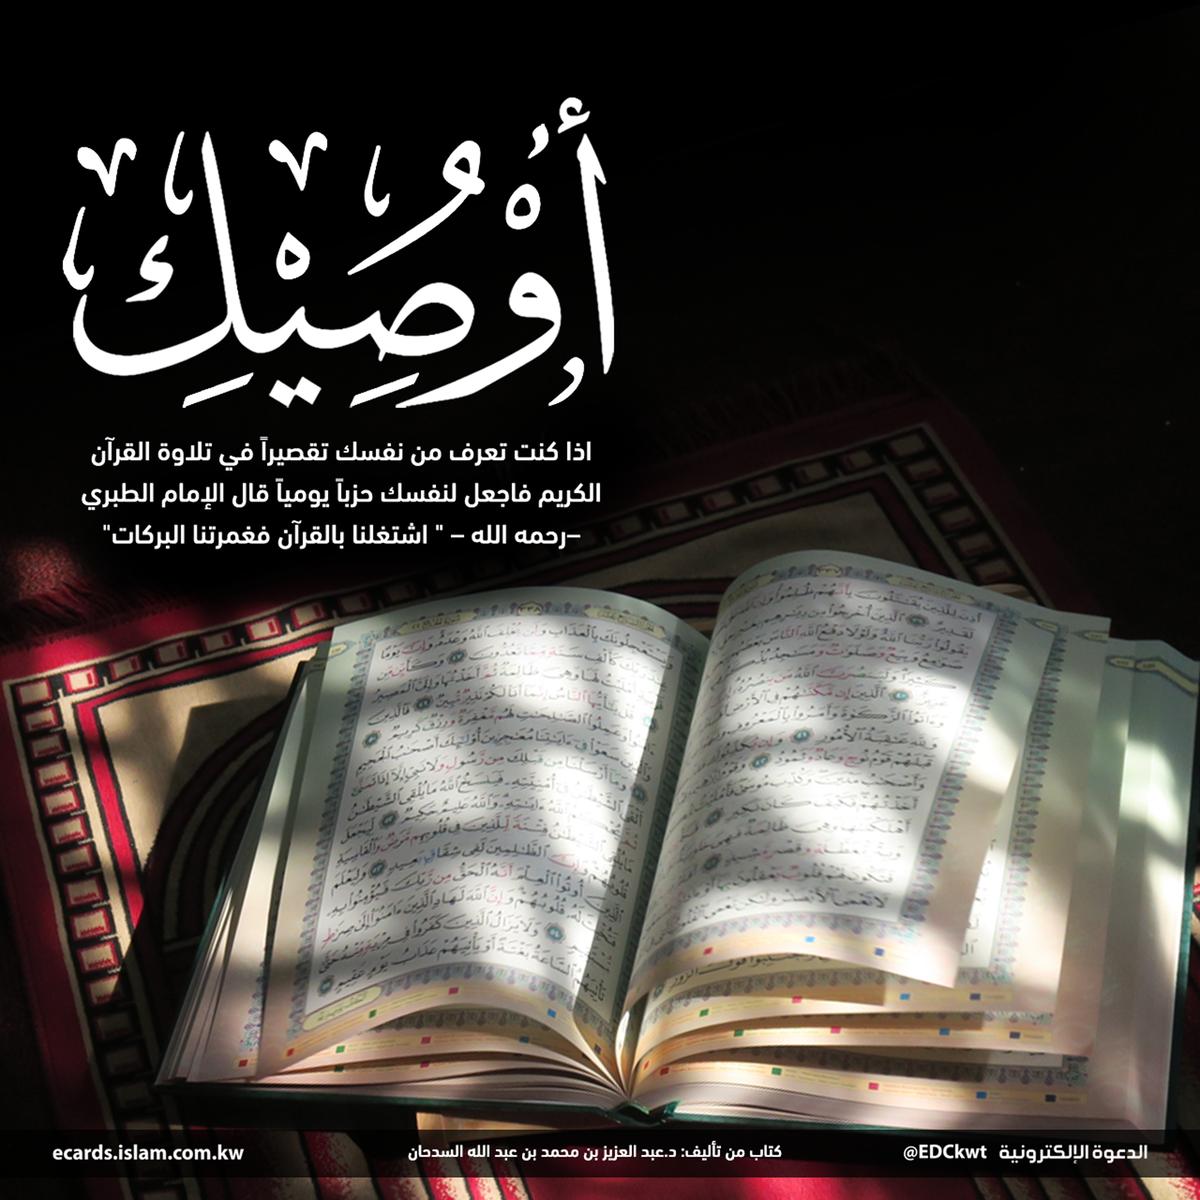 أوصيك لا تقصر في تلاوة القرآن الكريم